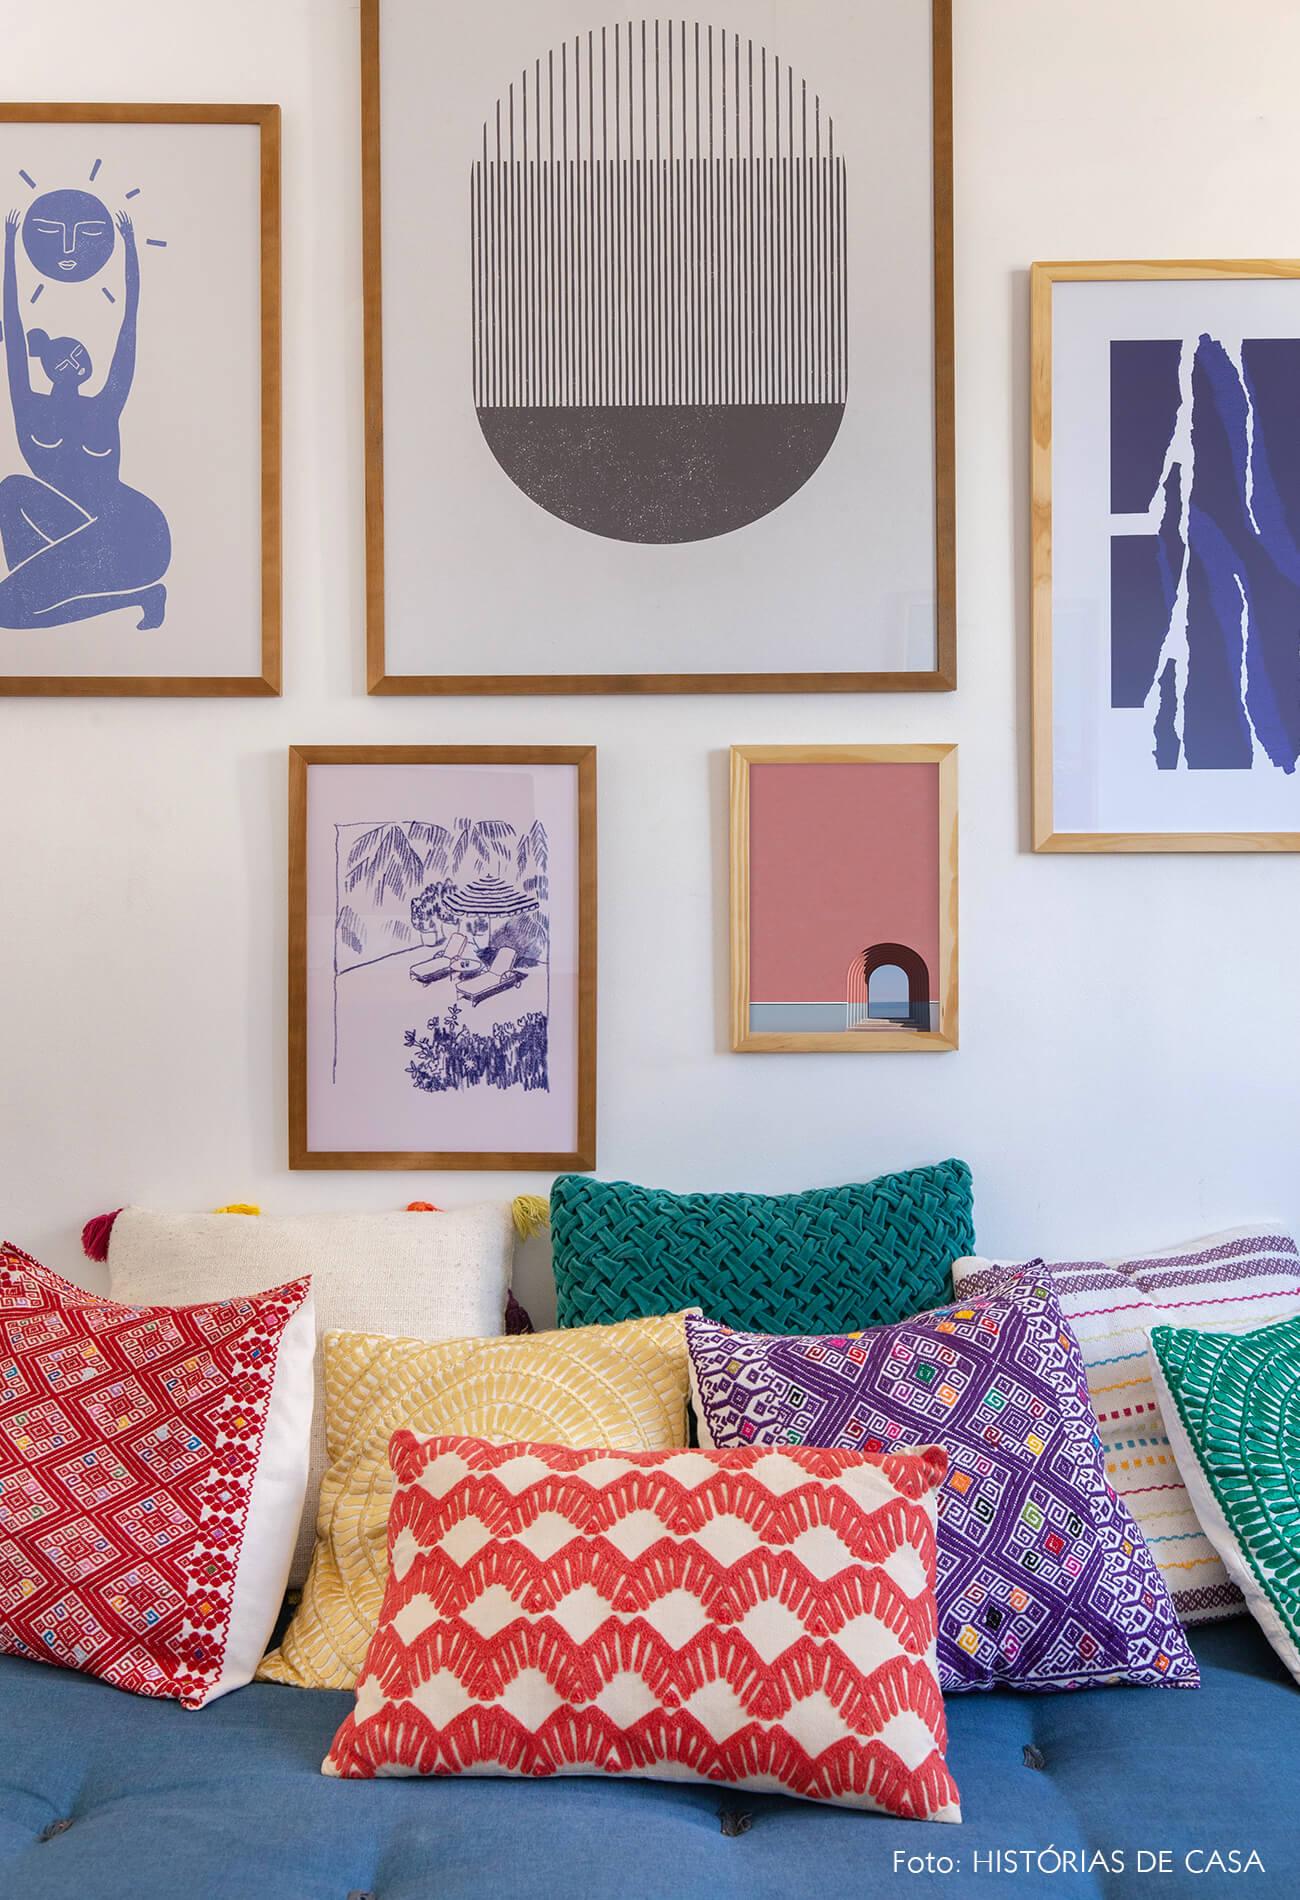 decoração composição quadros obrah almofadas coloridas